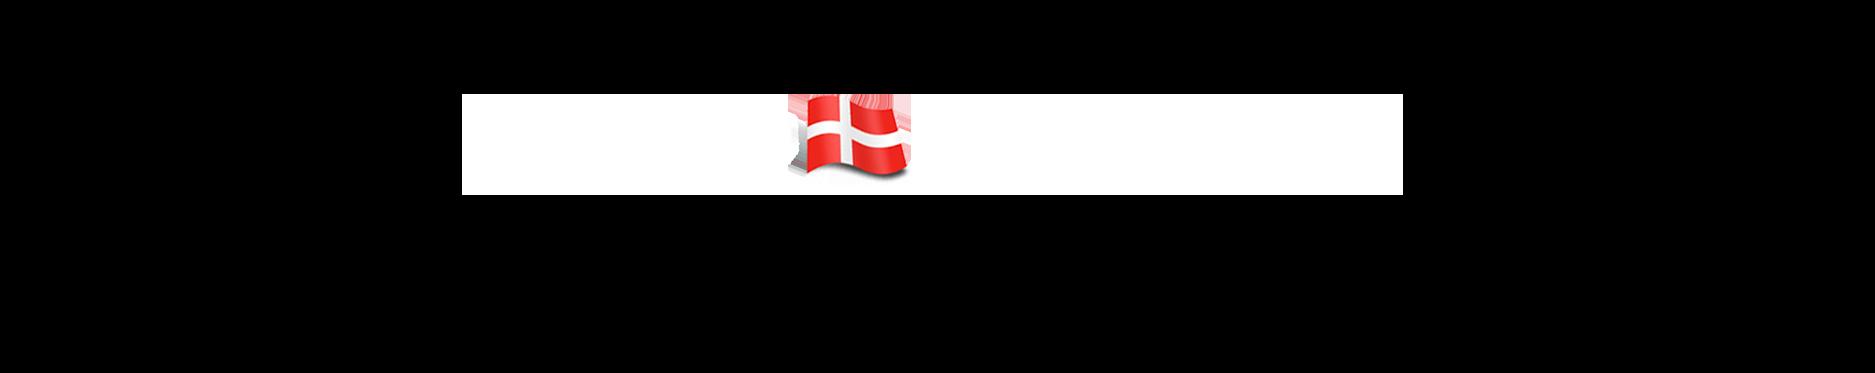 Ferieidk.dk